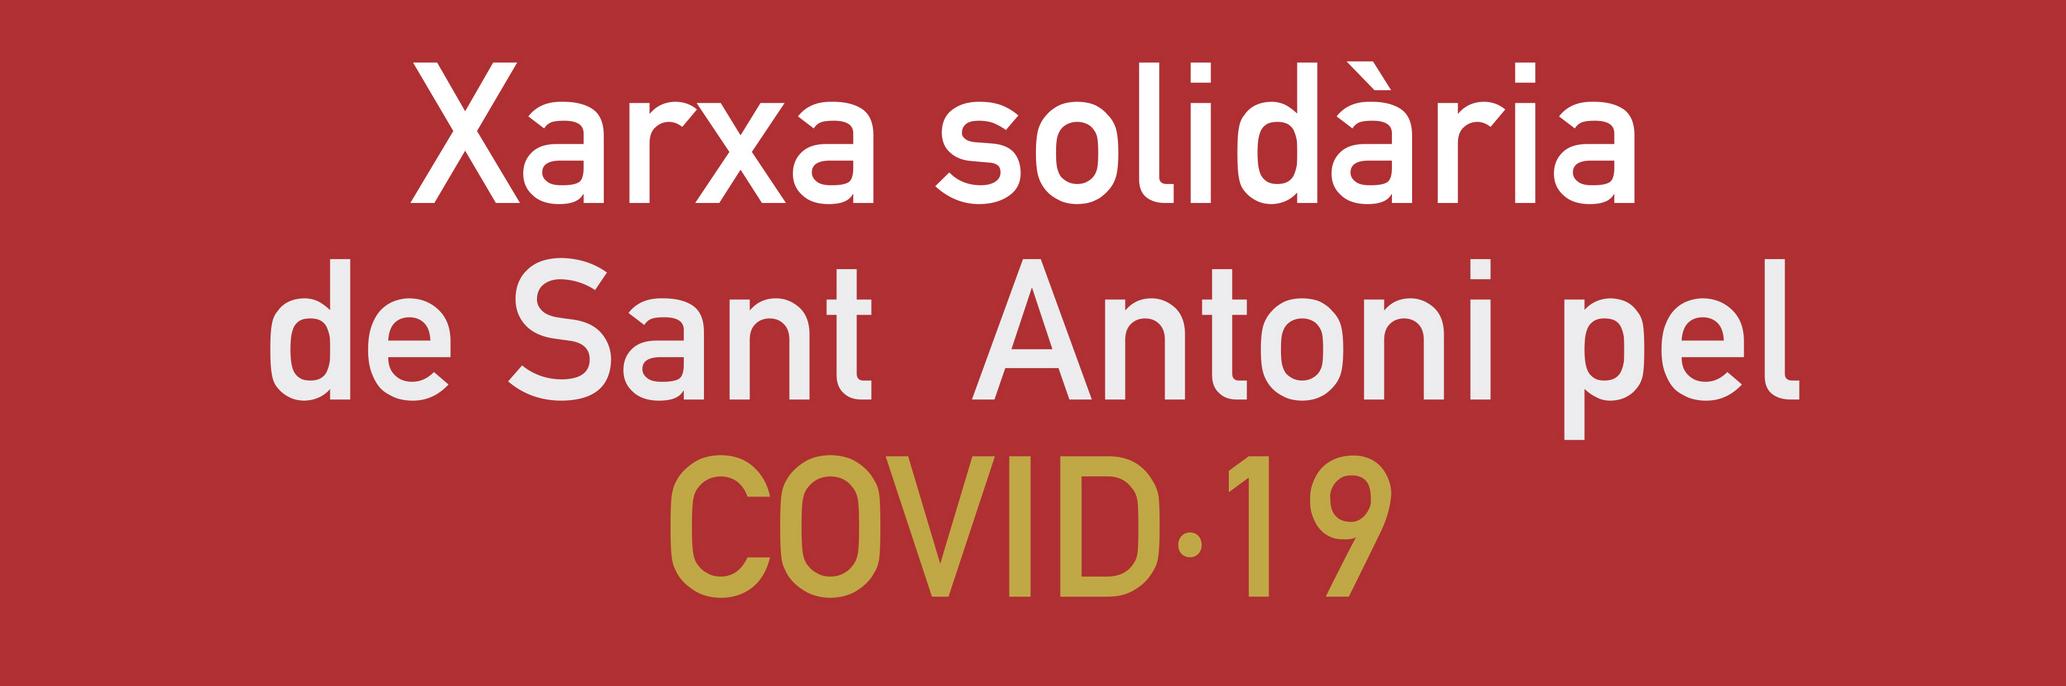 Grup de suport de Sant Antoni Xarxa solidària de Sant Antoni Covid-19